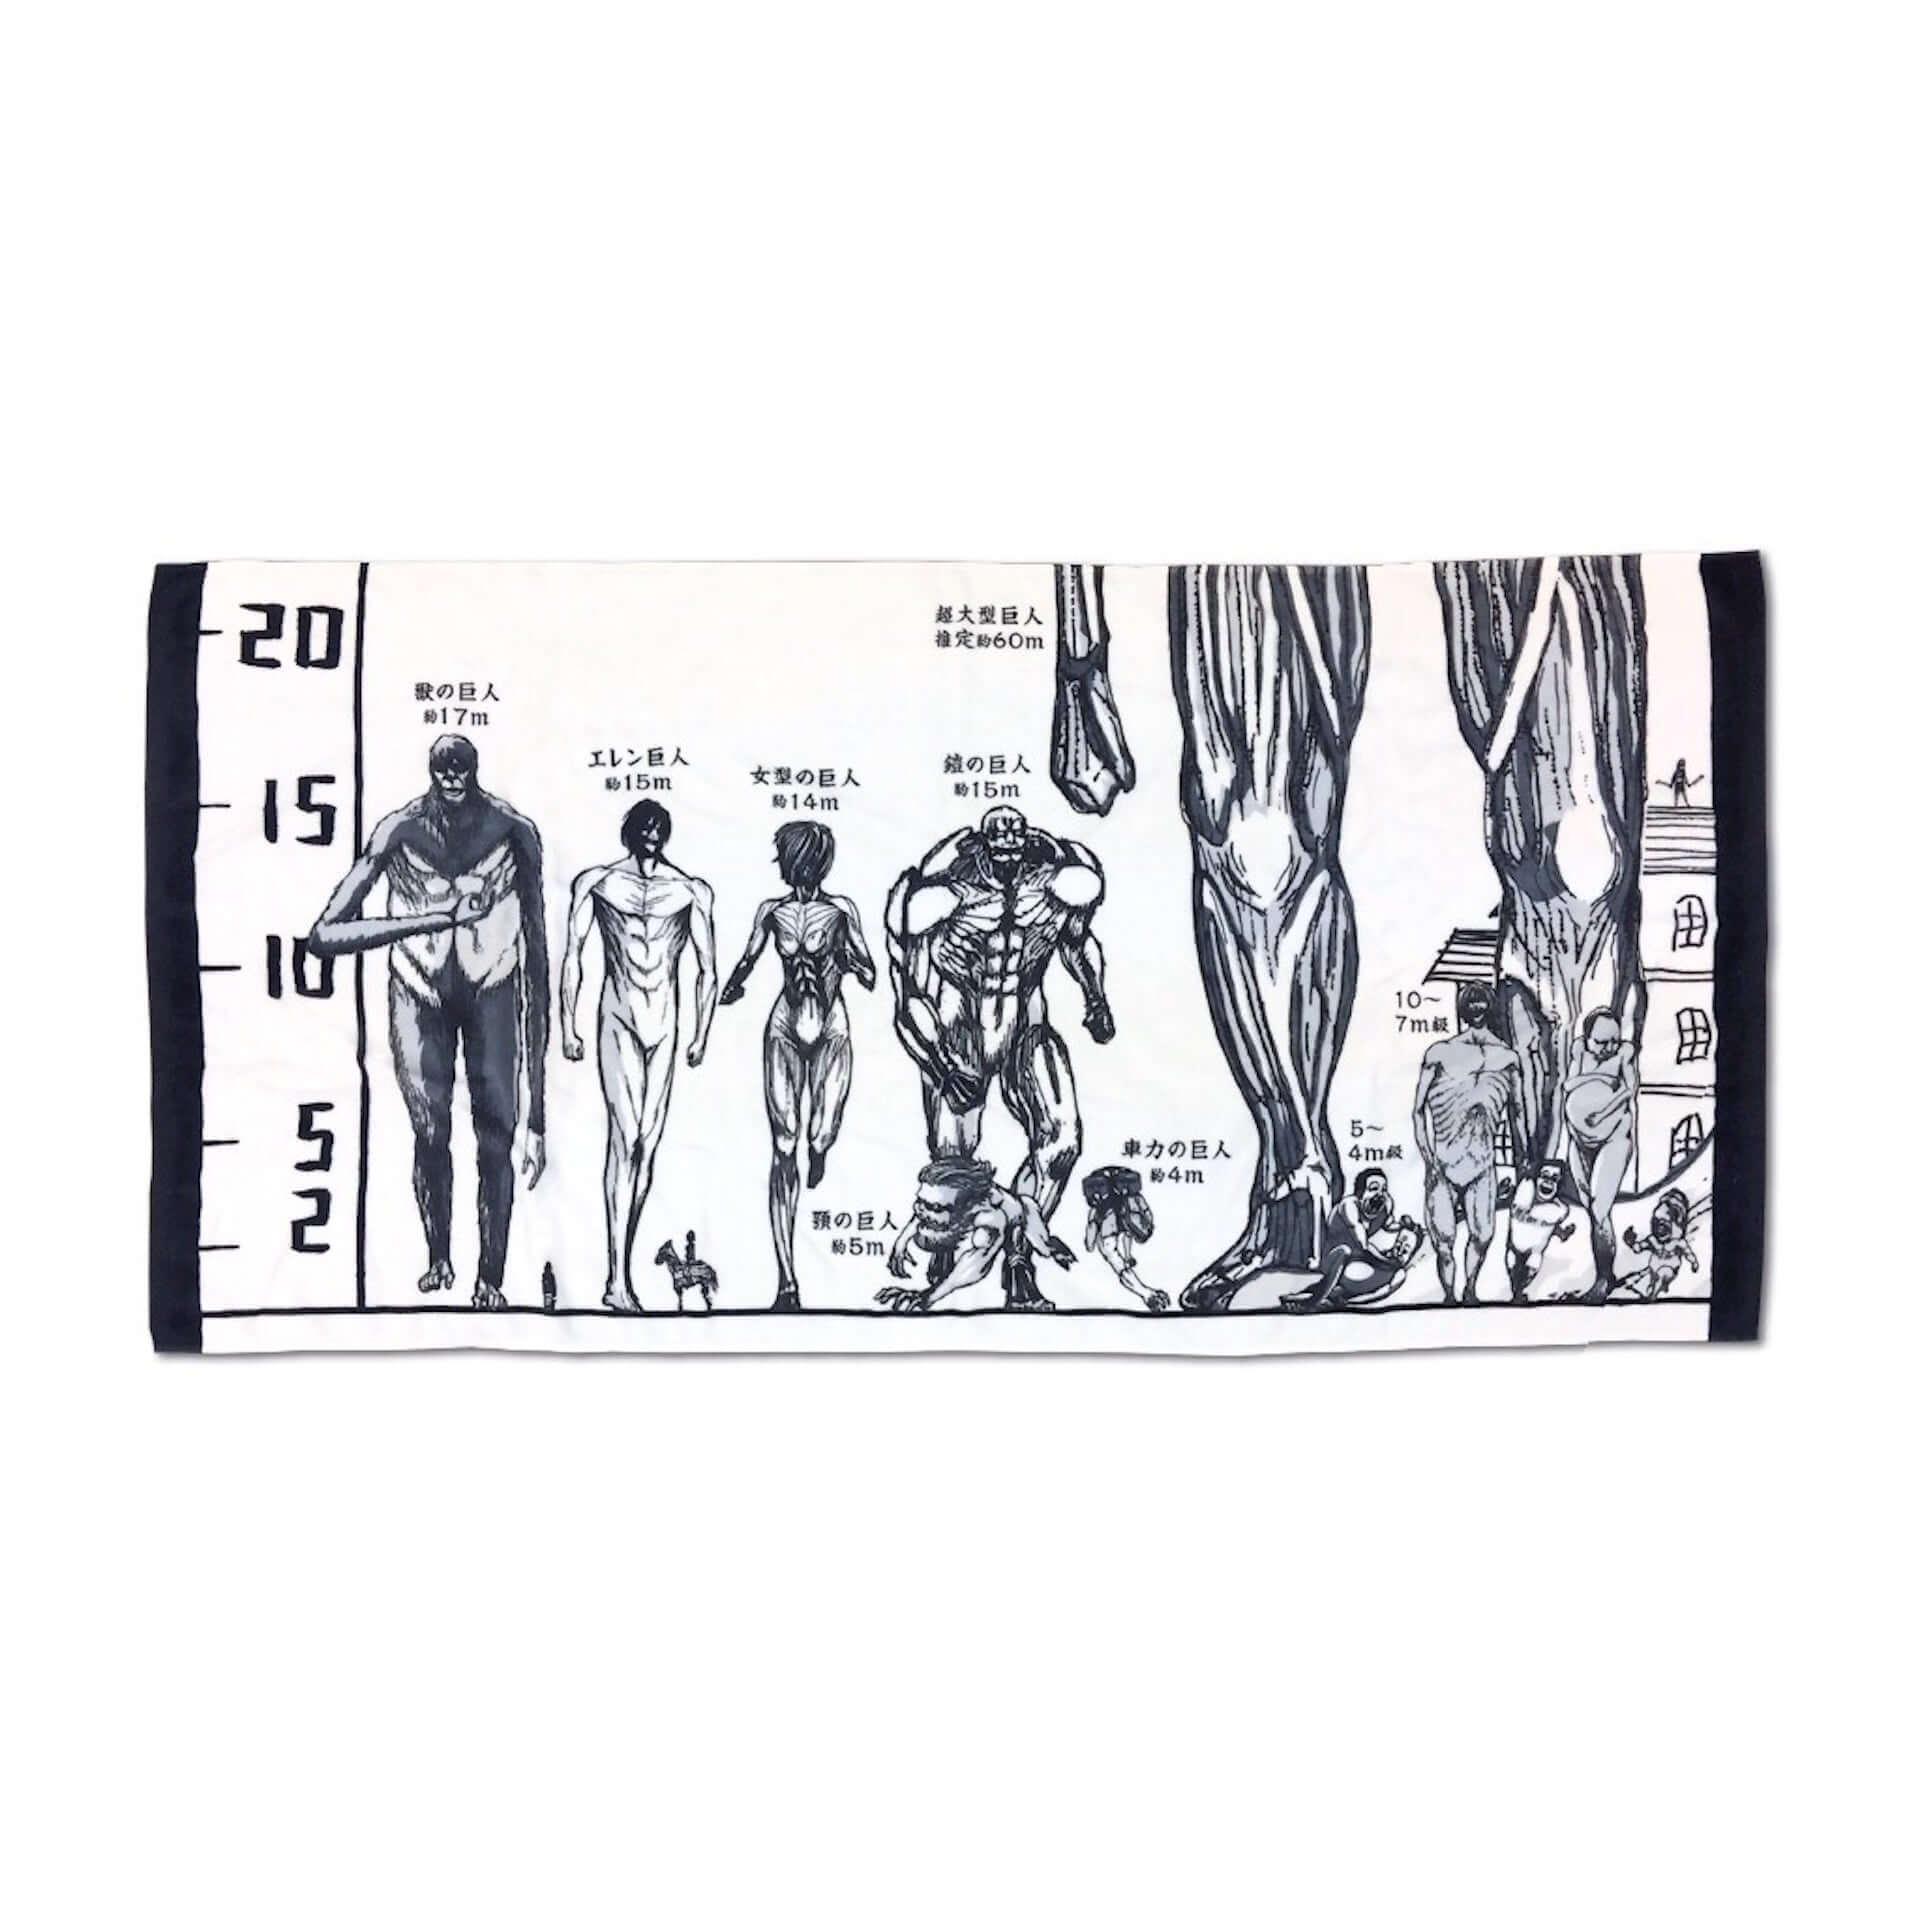 進撃の巨人がひらパーに襲来!<進撃の巨人展FINALinひらかたパーク>が開催|大阪展限定描き下ろしアニメイラストも公開 art190913_shingekinokyojin_hirakata_5-1920x1920